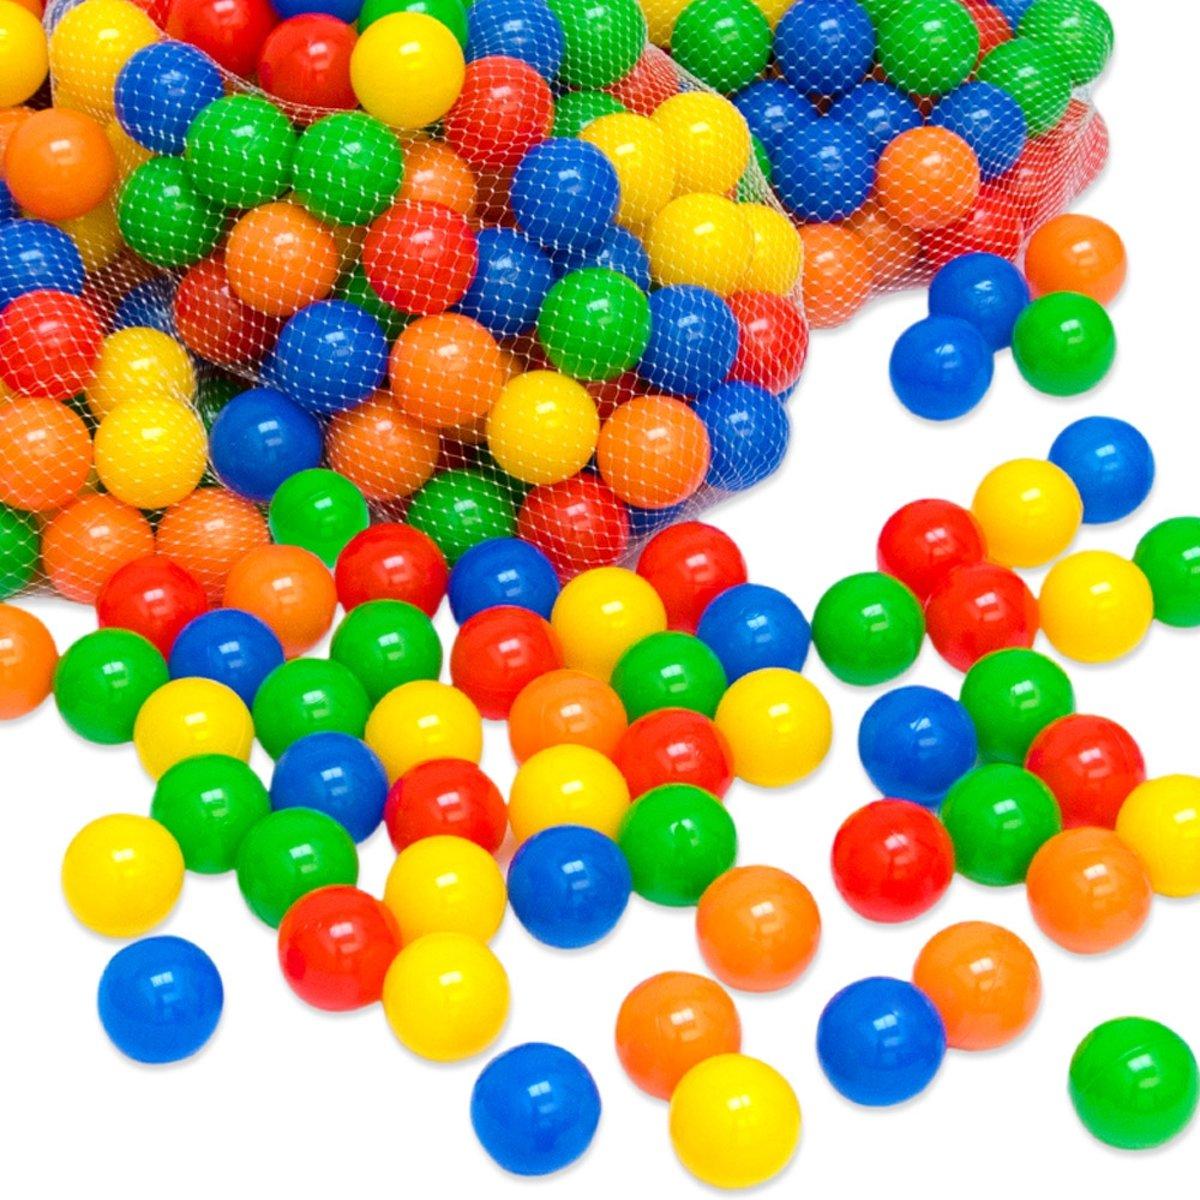 De ballen van het balpool 1000 stukken /ballen voor balpool